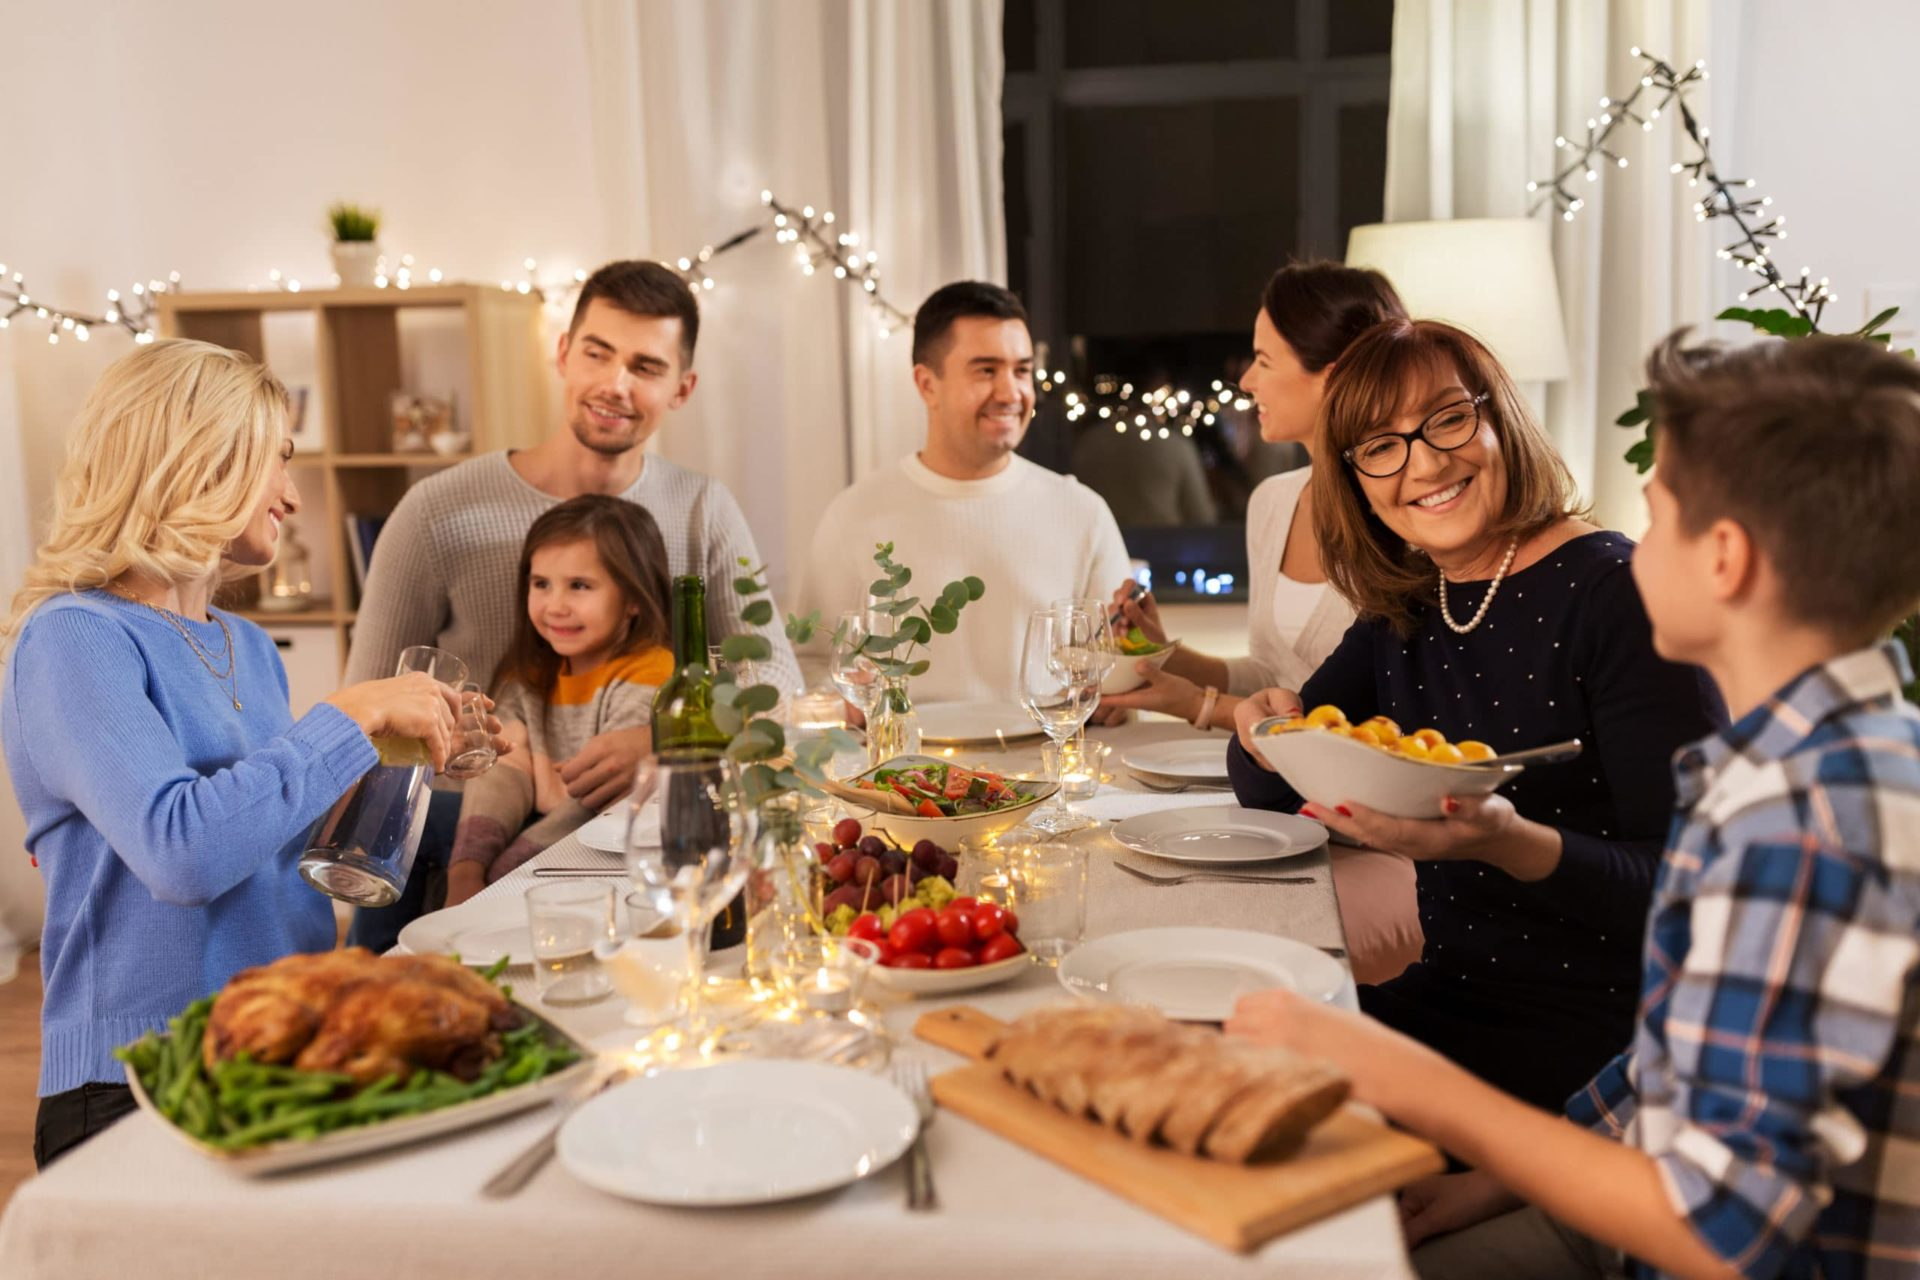 Sauter le repas du soir augmente l'incidence de la prise de poids